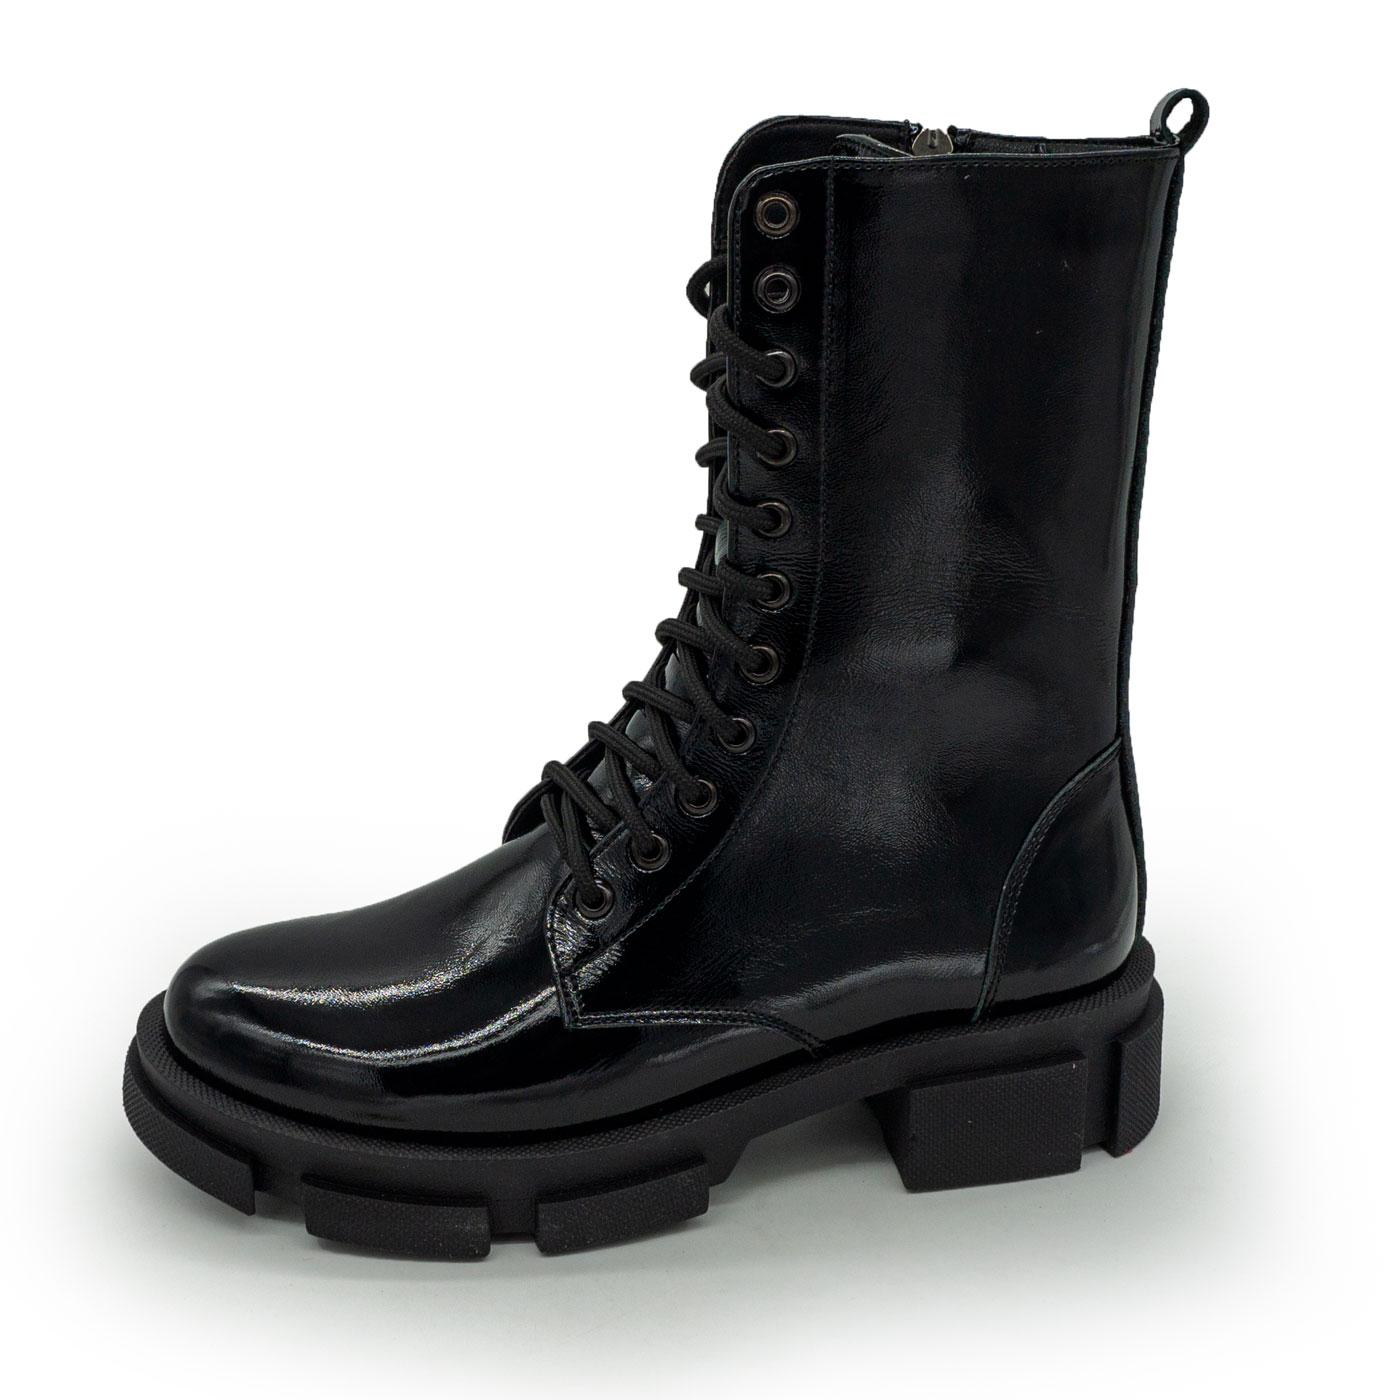 фото main Зимние черные лаковые женские ботинки в Dr. Martens на платформе - 0022 main